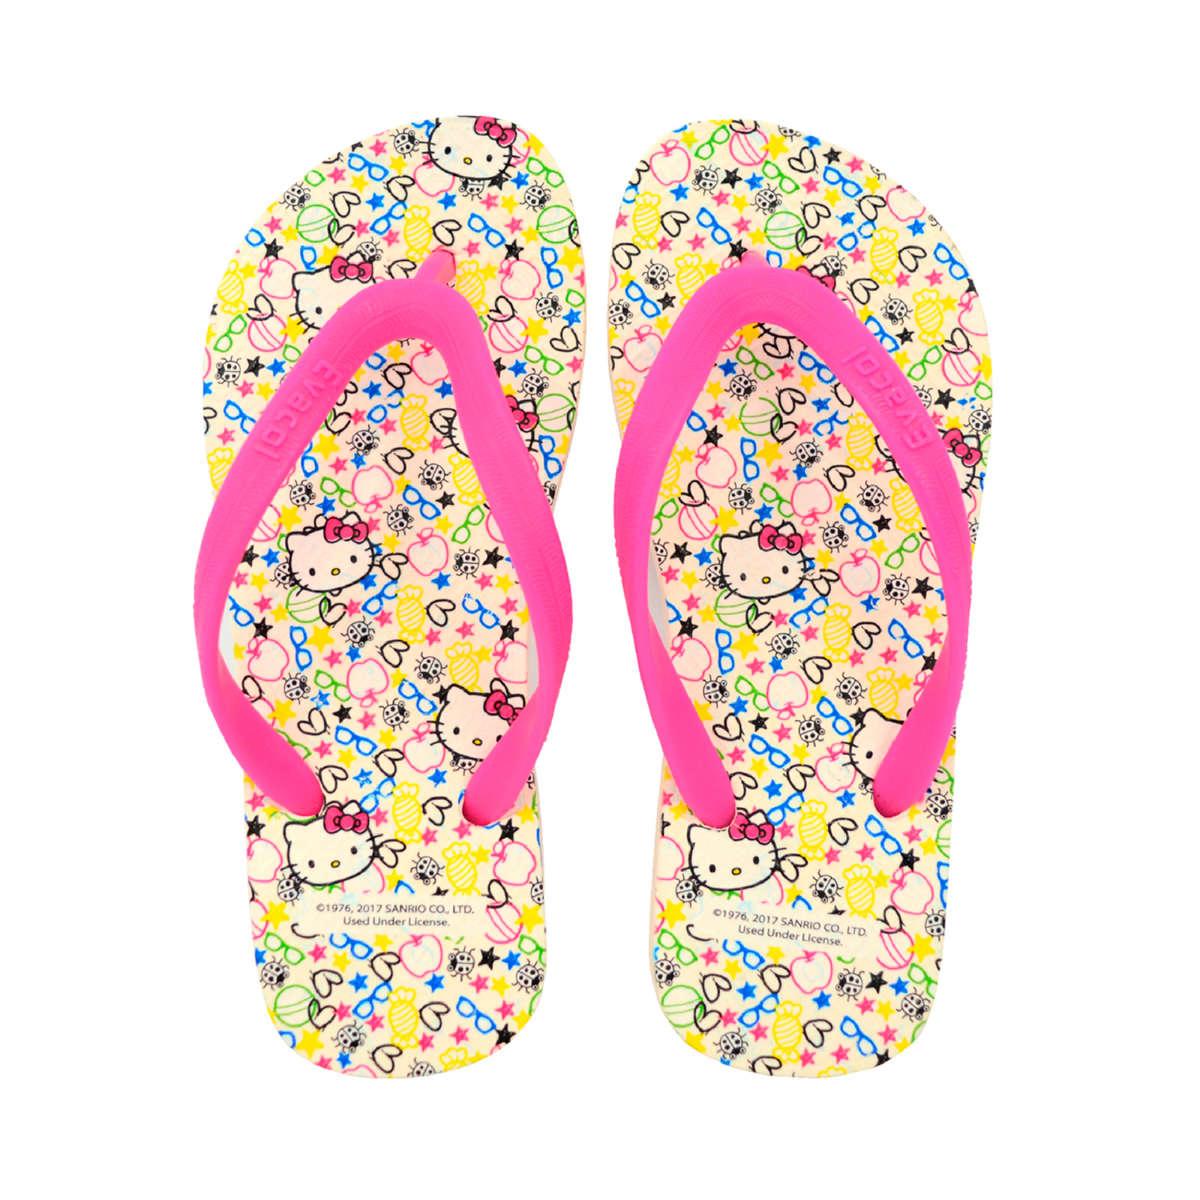 7db8a3f010 Comprar Crocs en Cali - Tiendas y promociones - Ofertia